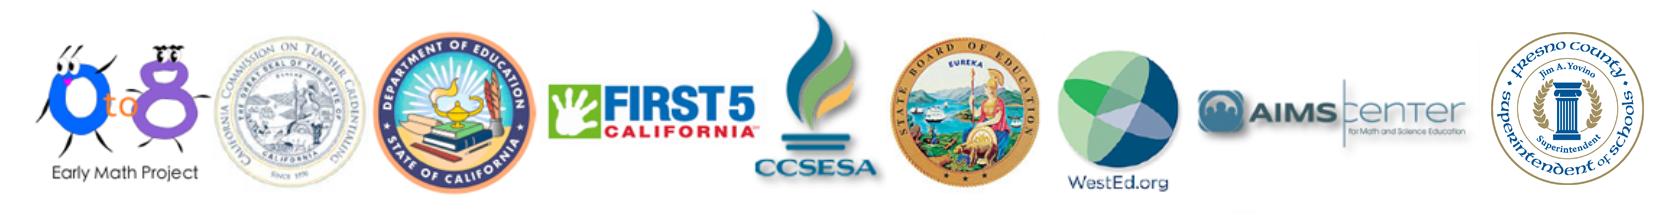 Symposium Sponsors Logos